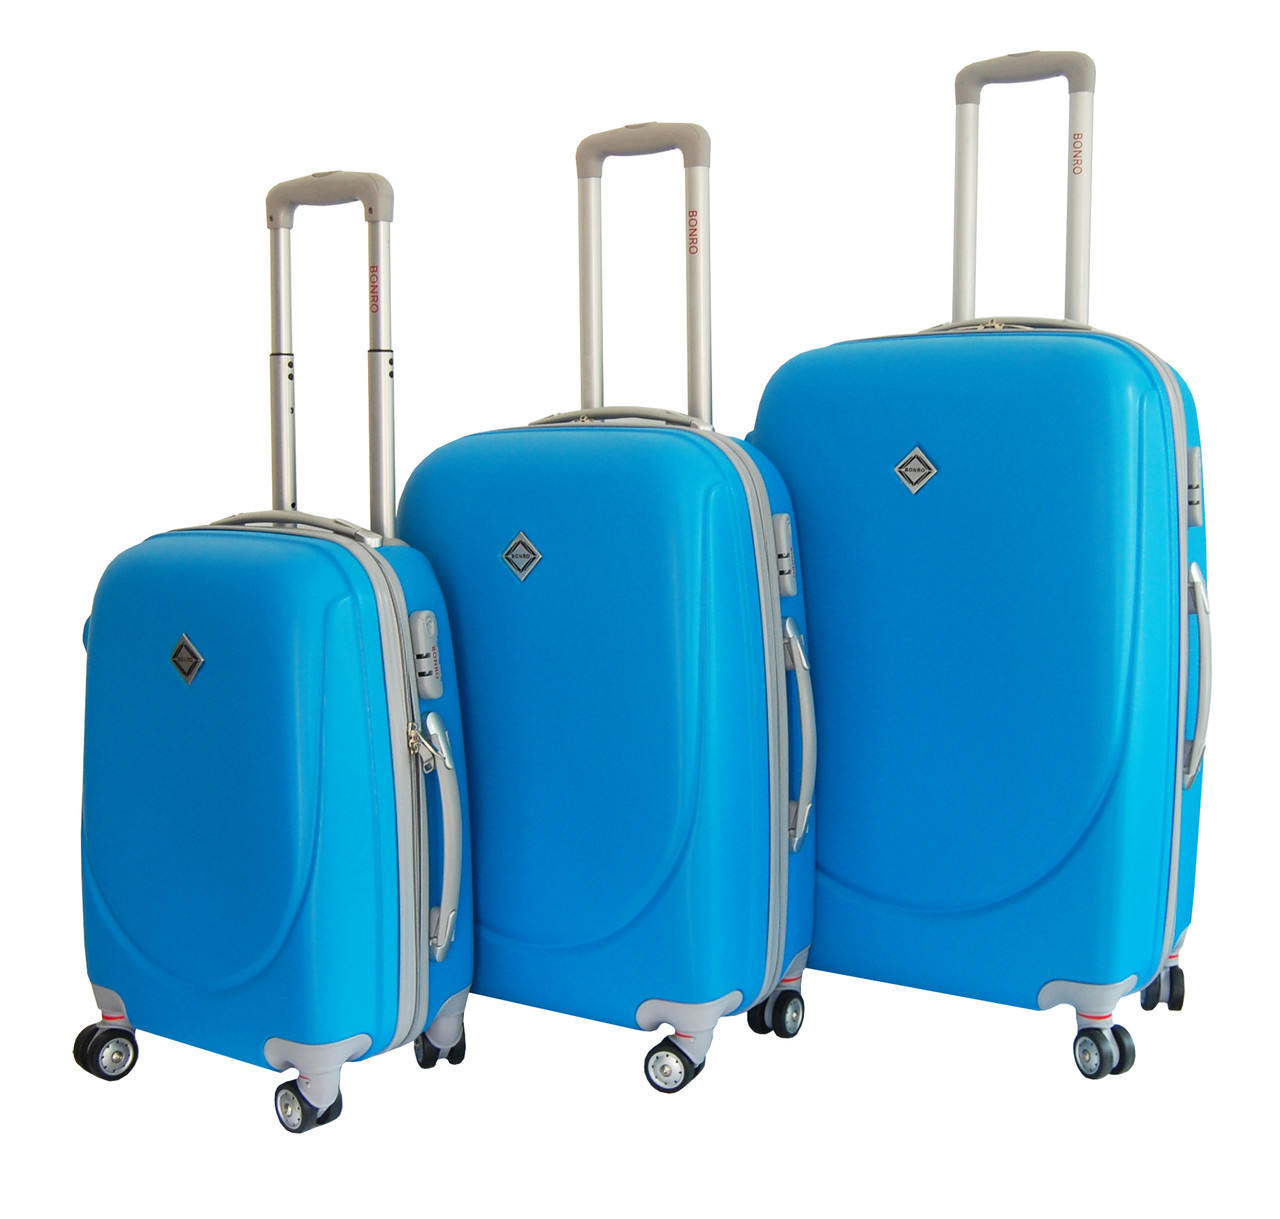 Чемодан Bonro Smile с двойными колесами набор 3 штуки голубой